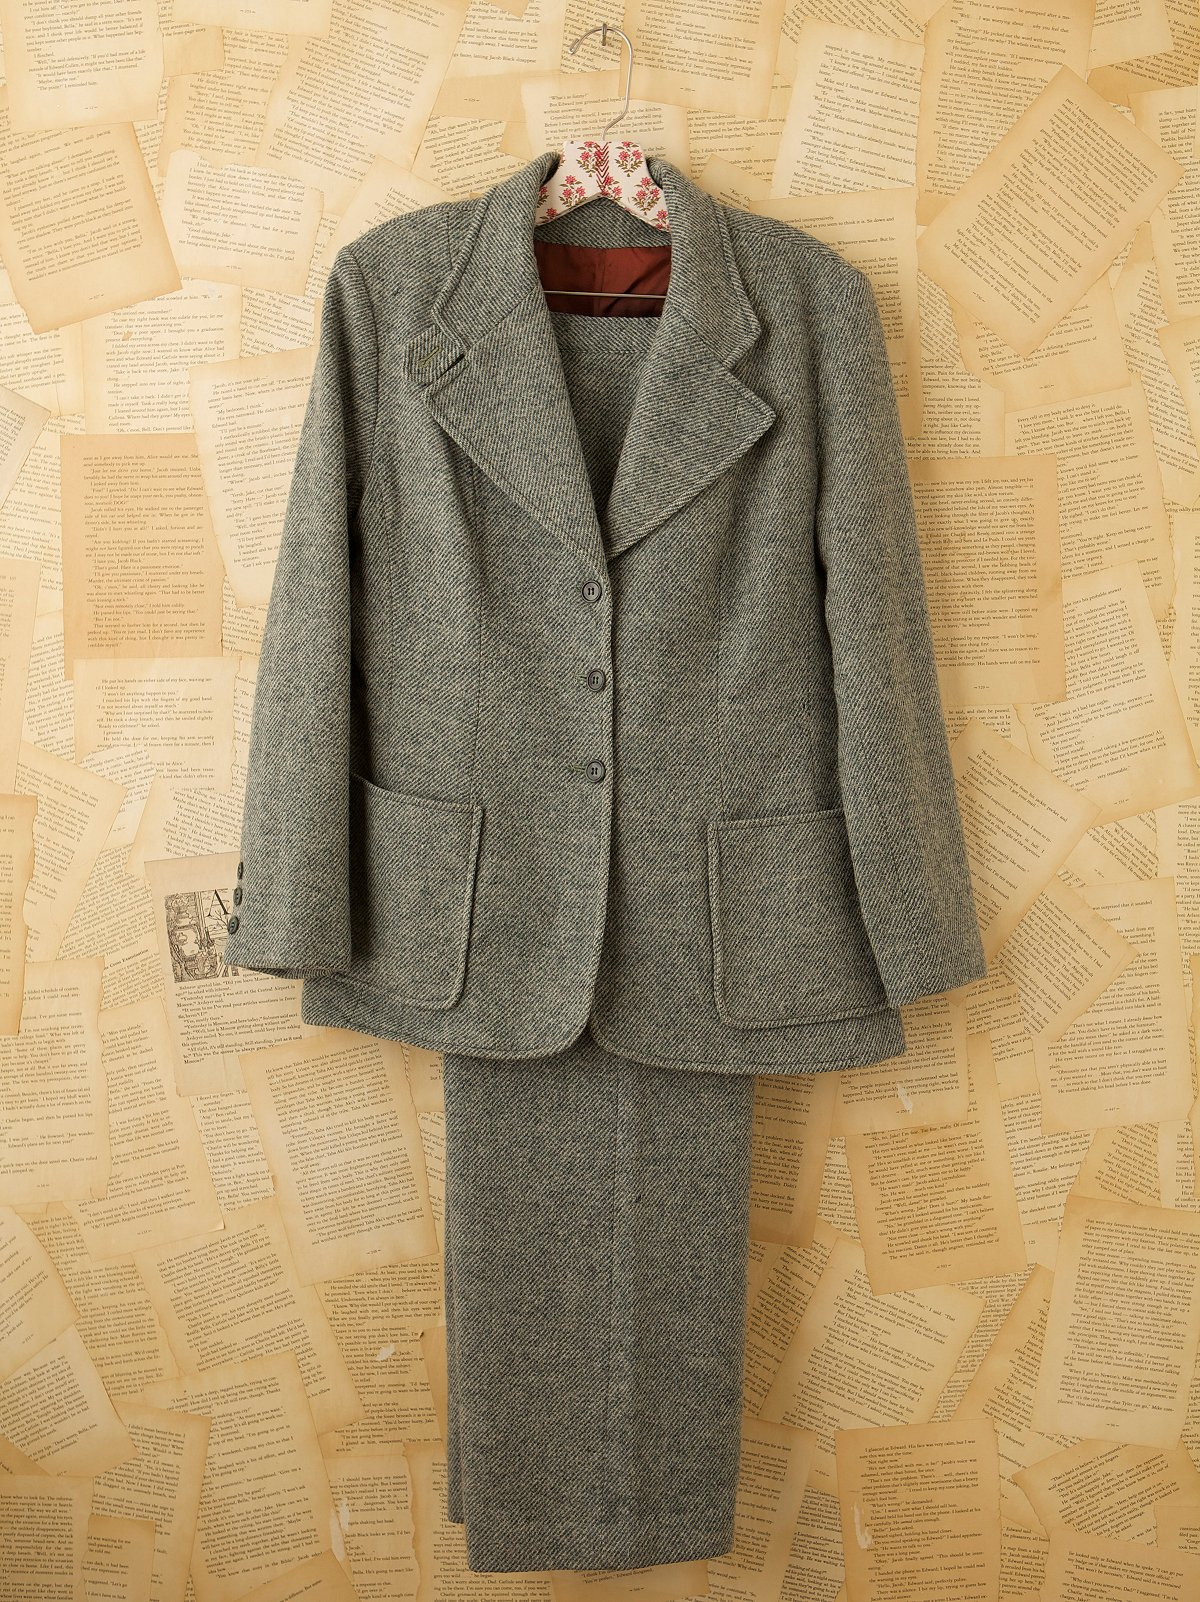 Vintage Green Tweed Suit